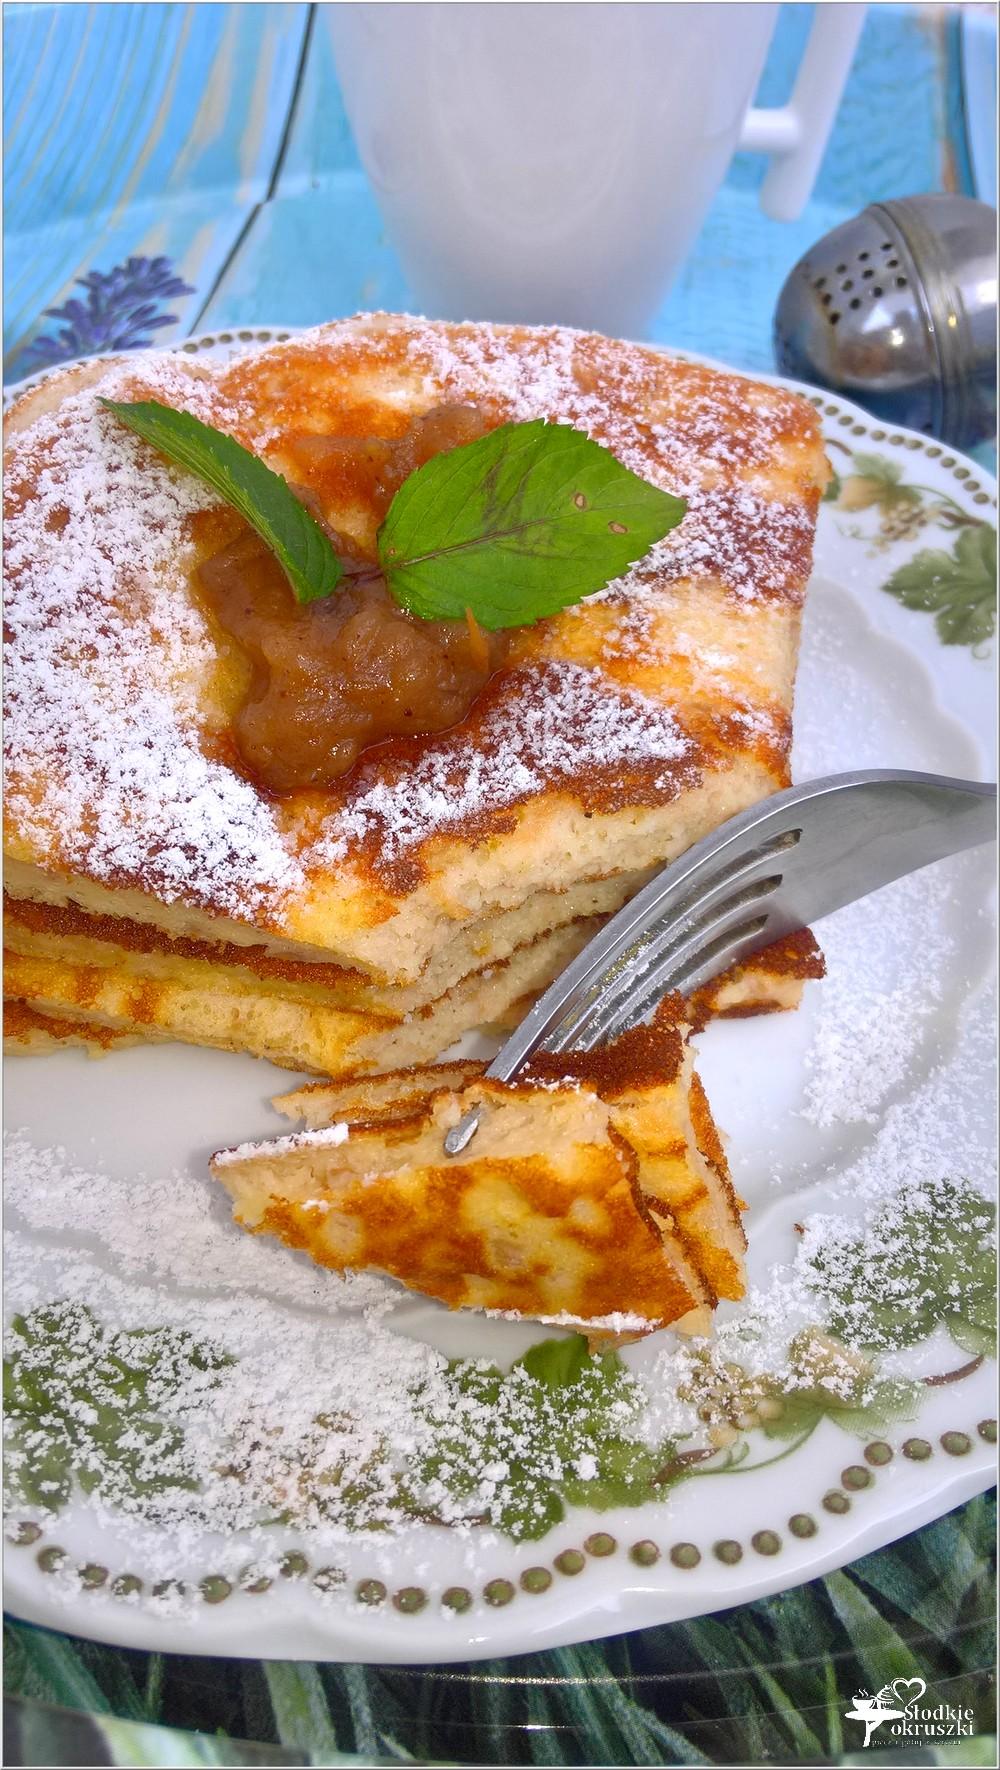 Szarlotkowy omlet z aromatyczną zieloną herbatą (2)